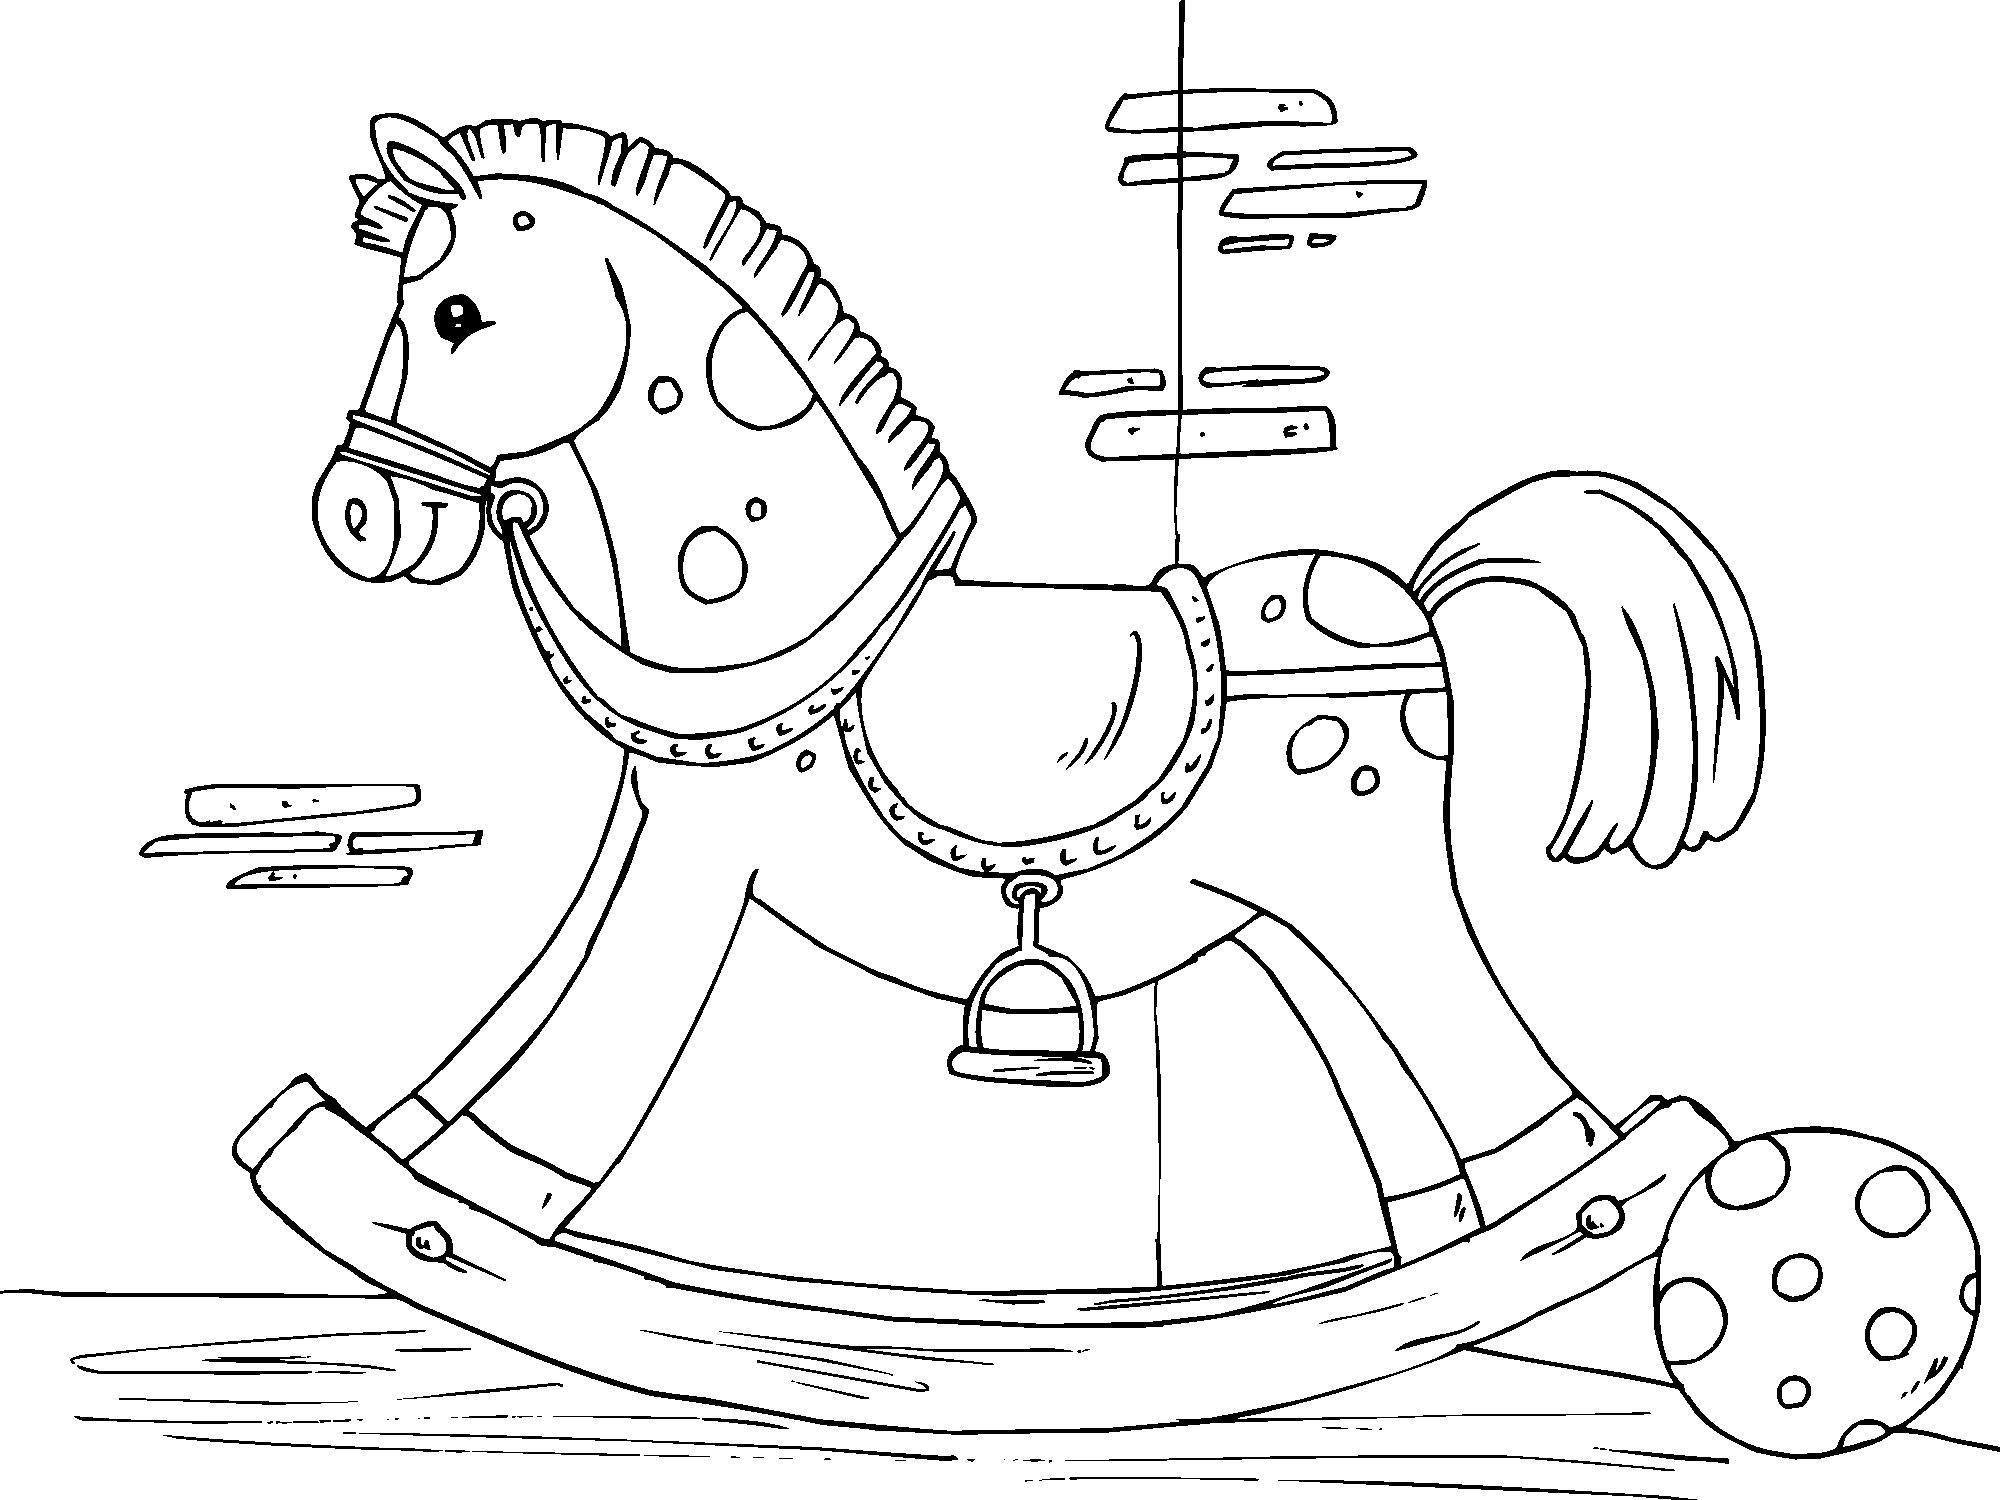 Dibujo para colorear caballo balancín - Img 22825